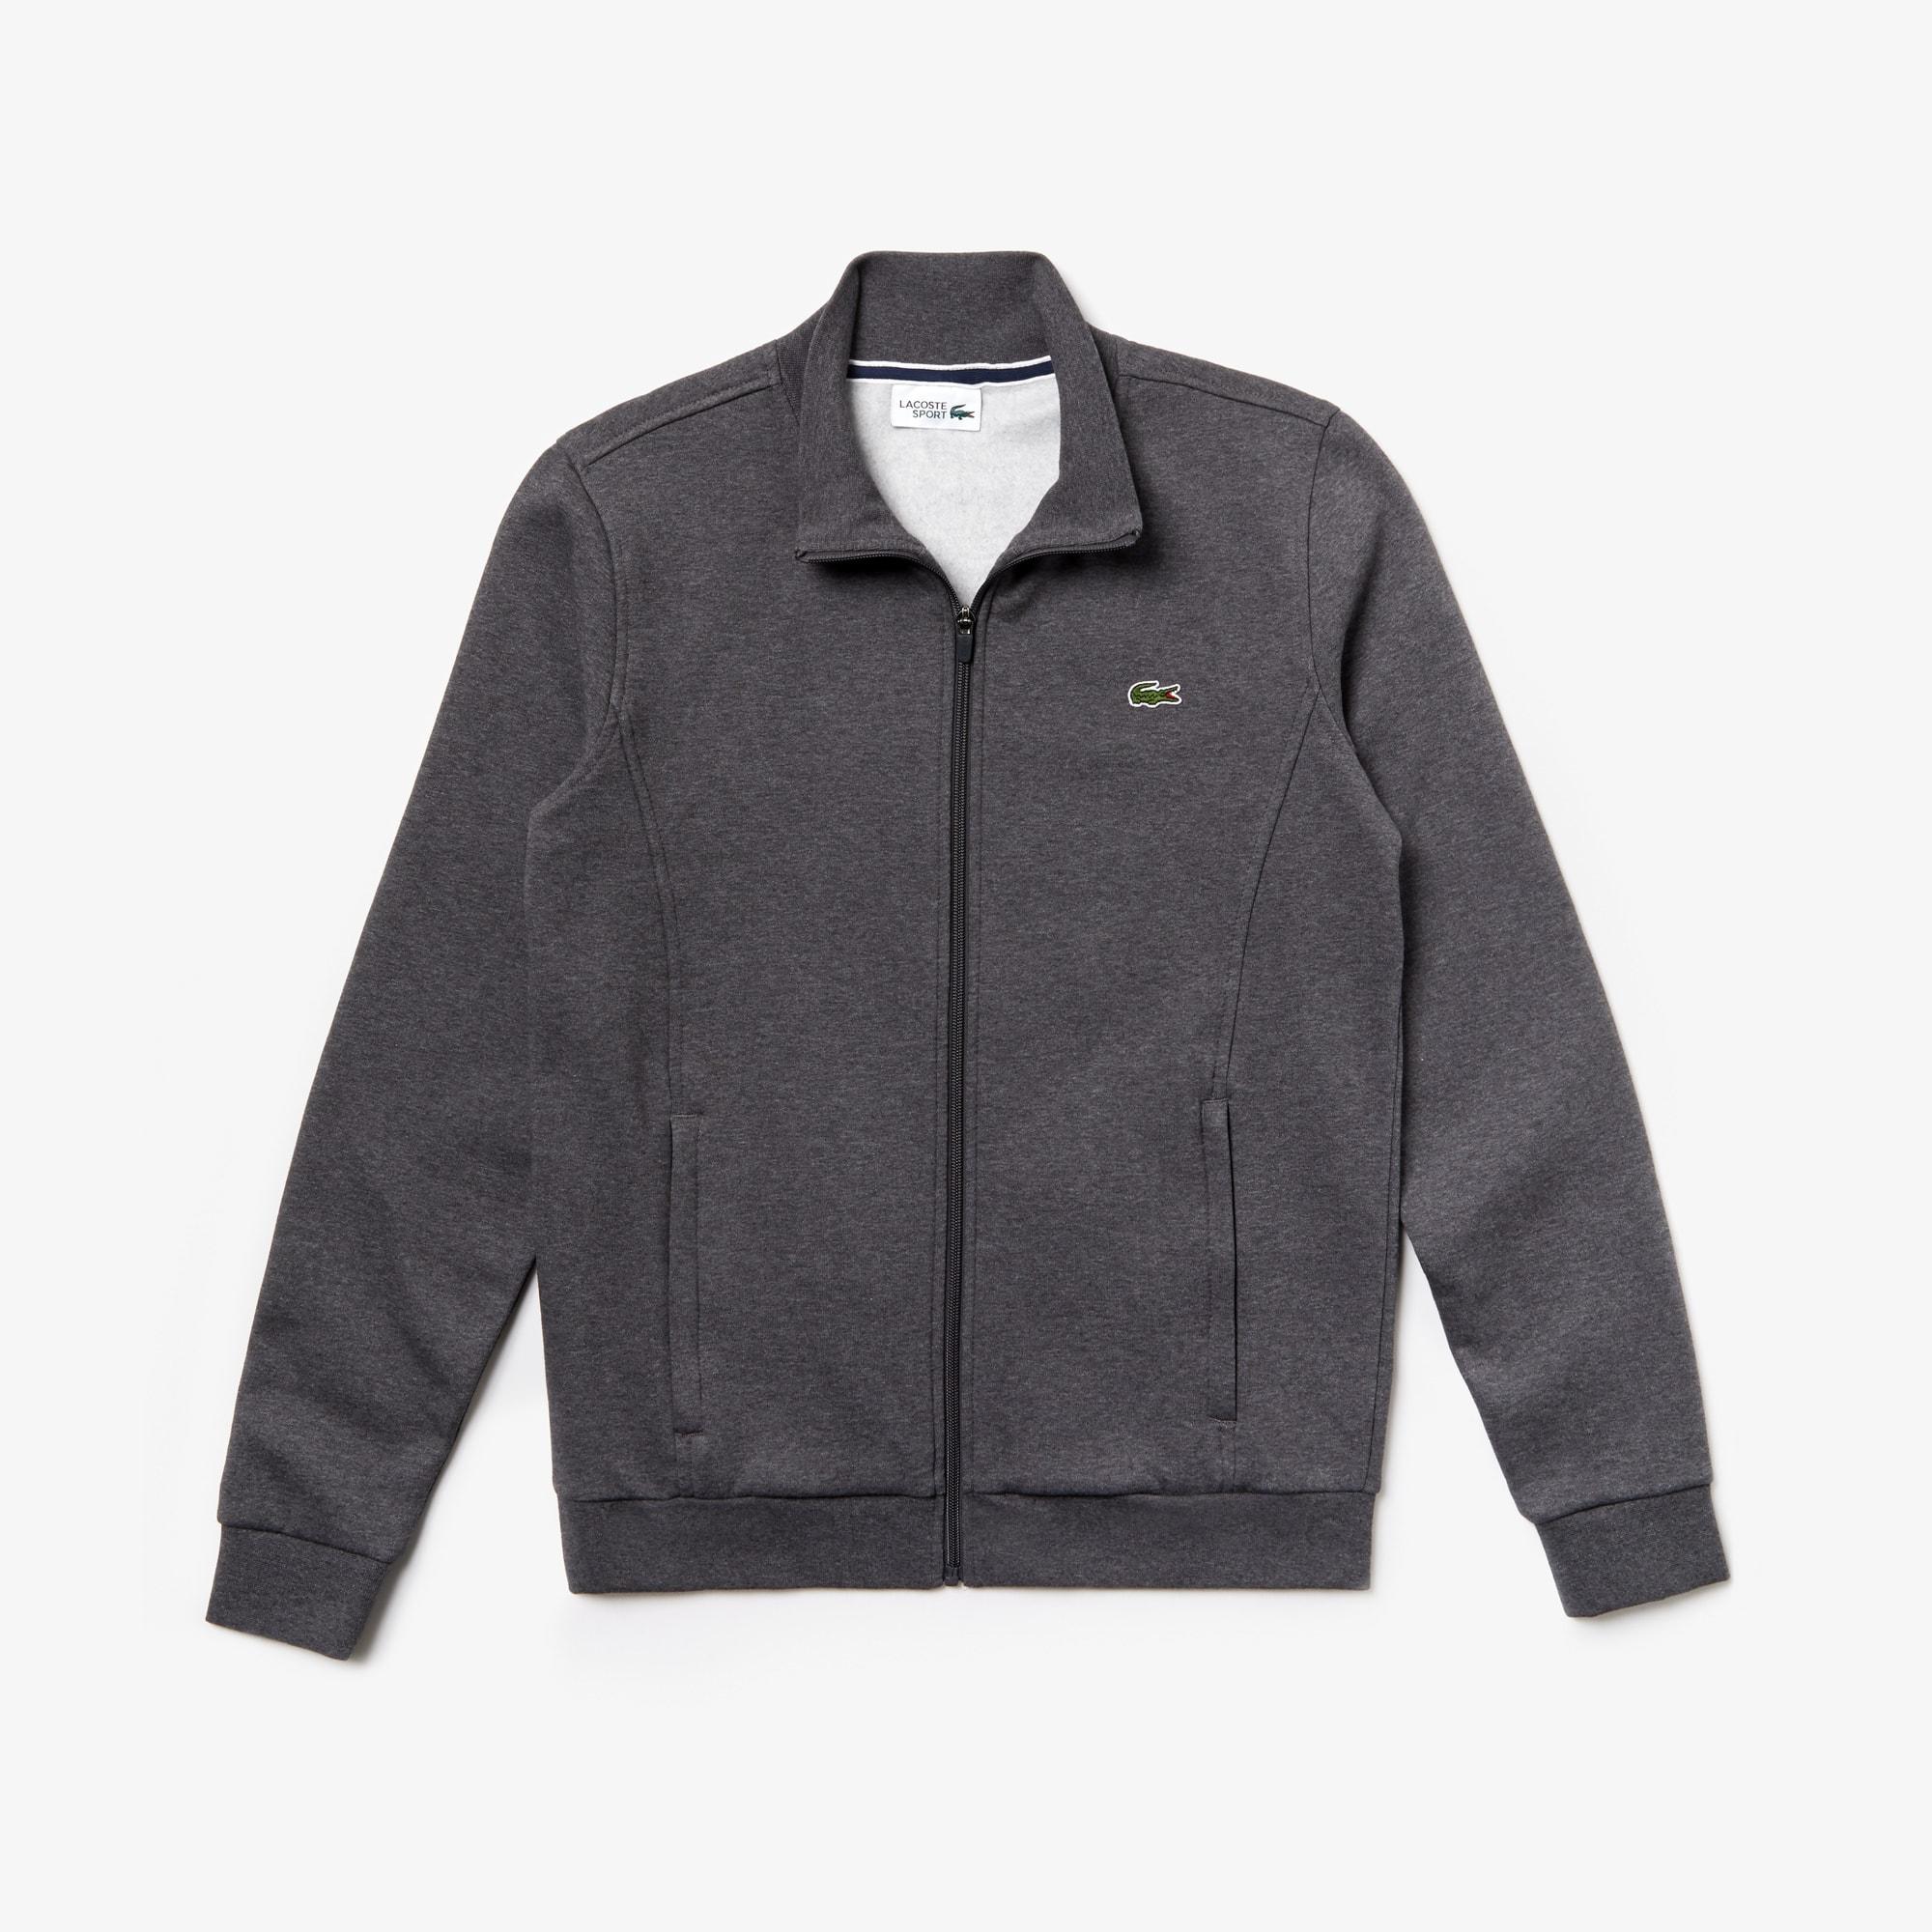 new arrival 924b8 6dc2a Men's Lacoste SPORT zip-up fleece sweatshirt